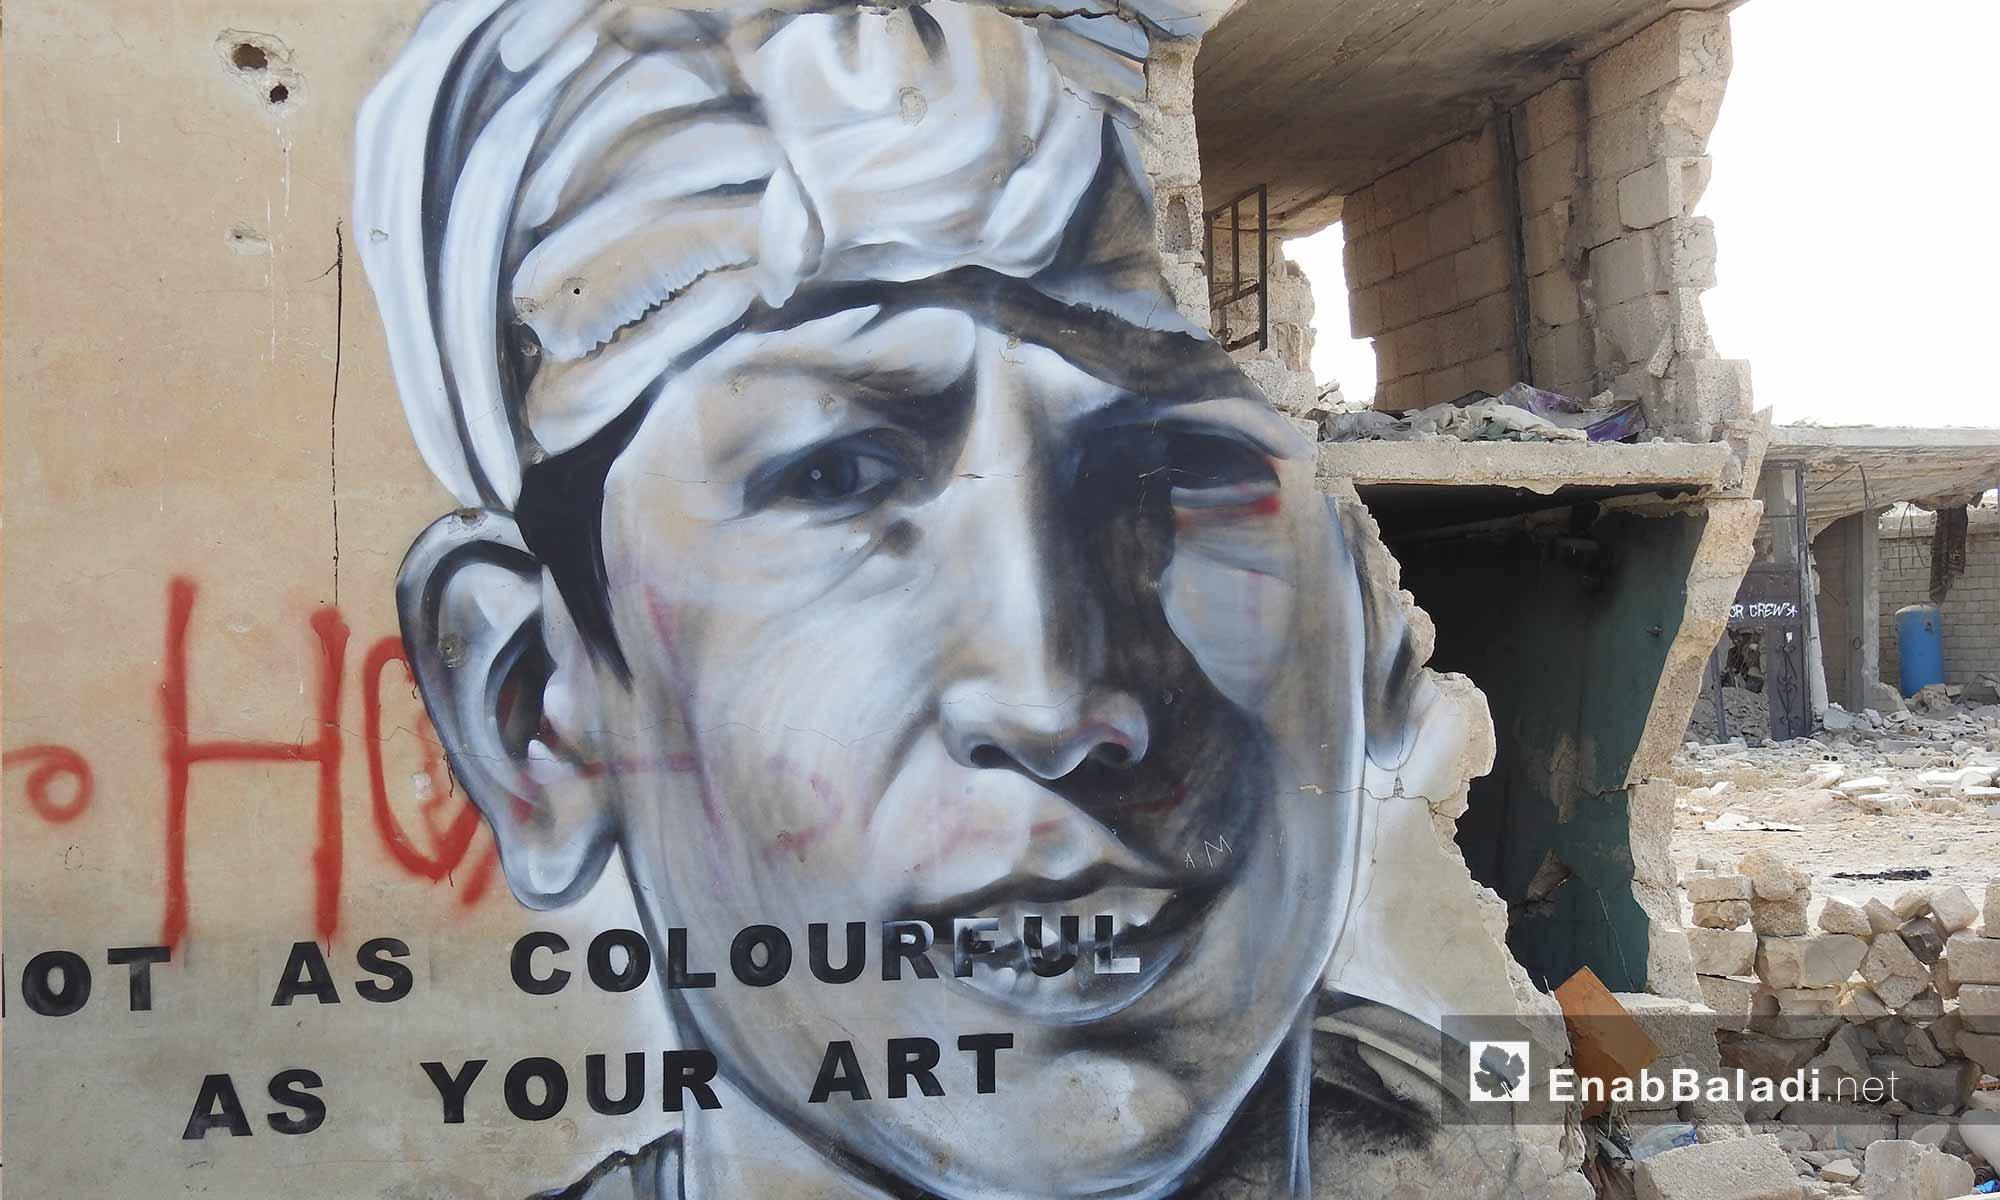 رسم غرافيتي على جدران مهدمة في قرية براغيدة بريف حلب الشمالي - 2 تشرين الأول 2017 (عنب بلدي)